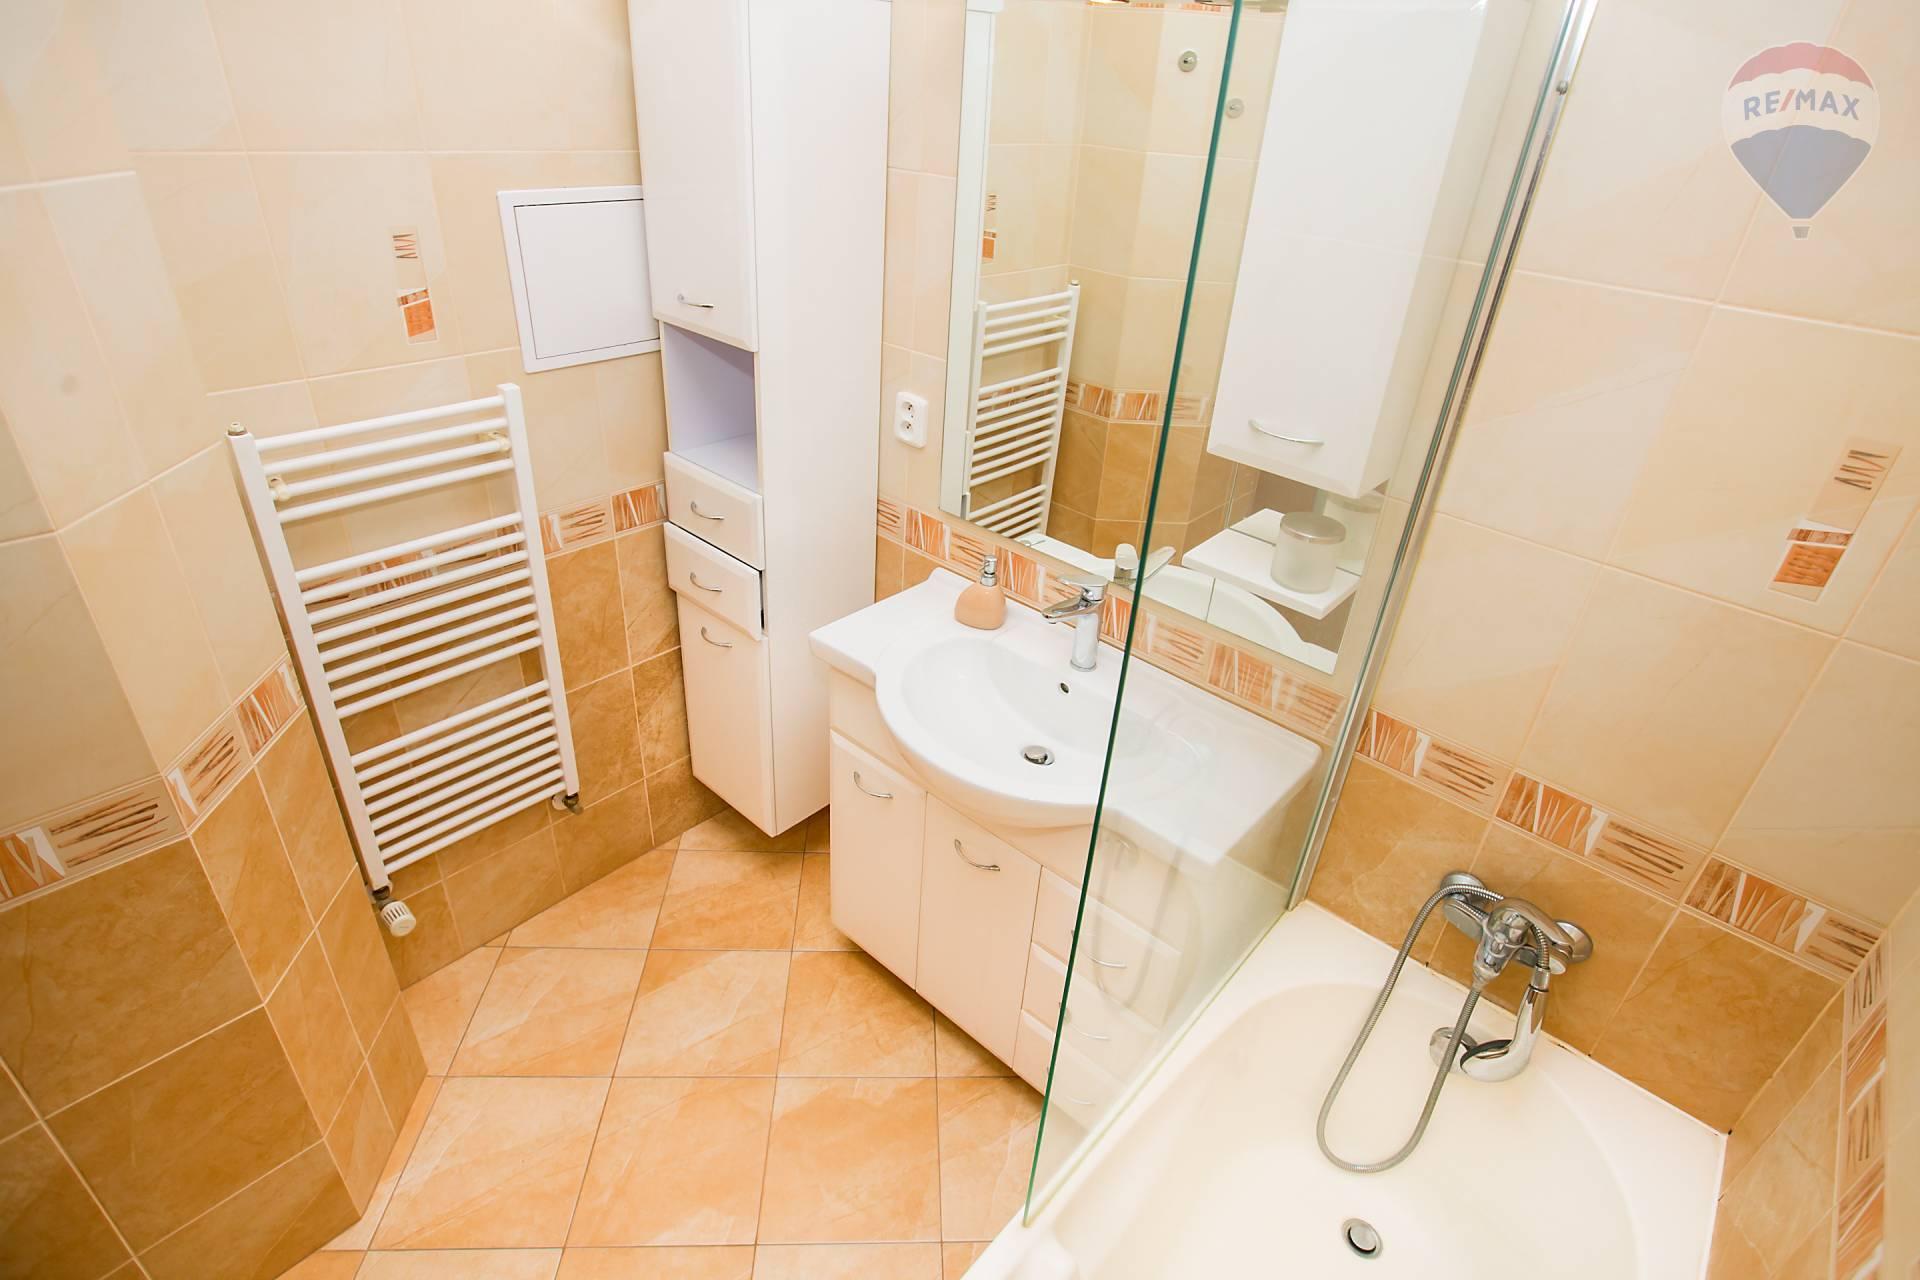 Prenájom bytu (2 izbový) 48 m2, Bratislava - Podunajské Biskupice - kúpeľňa